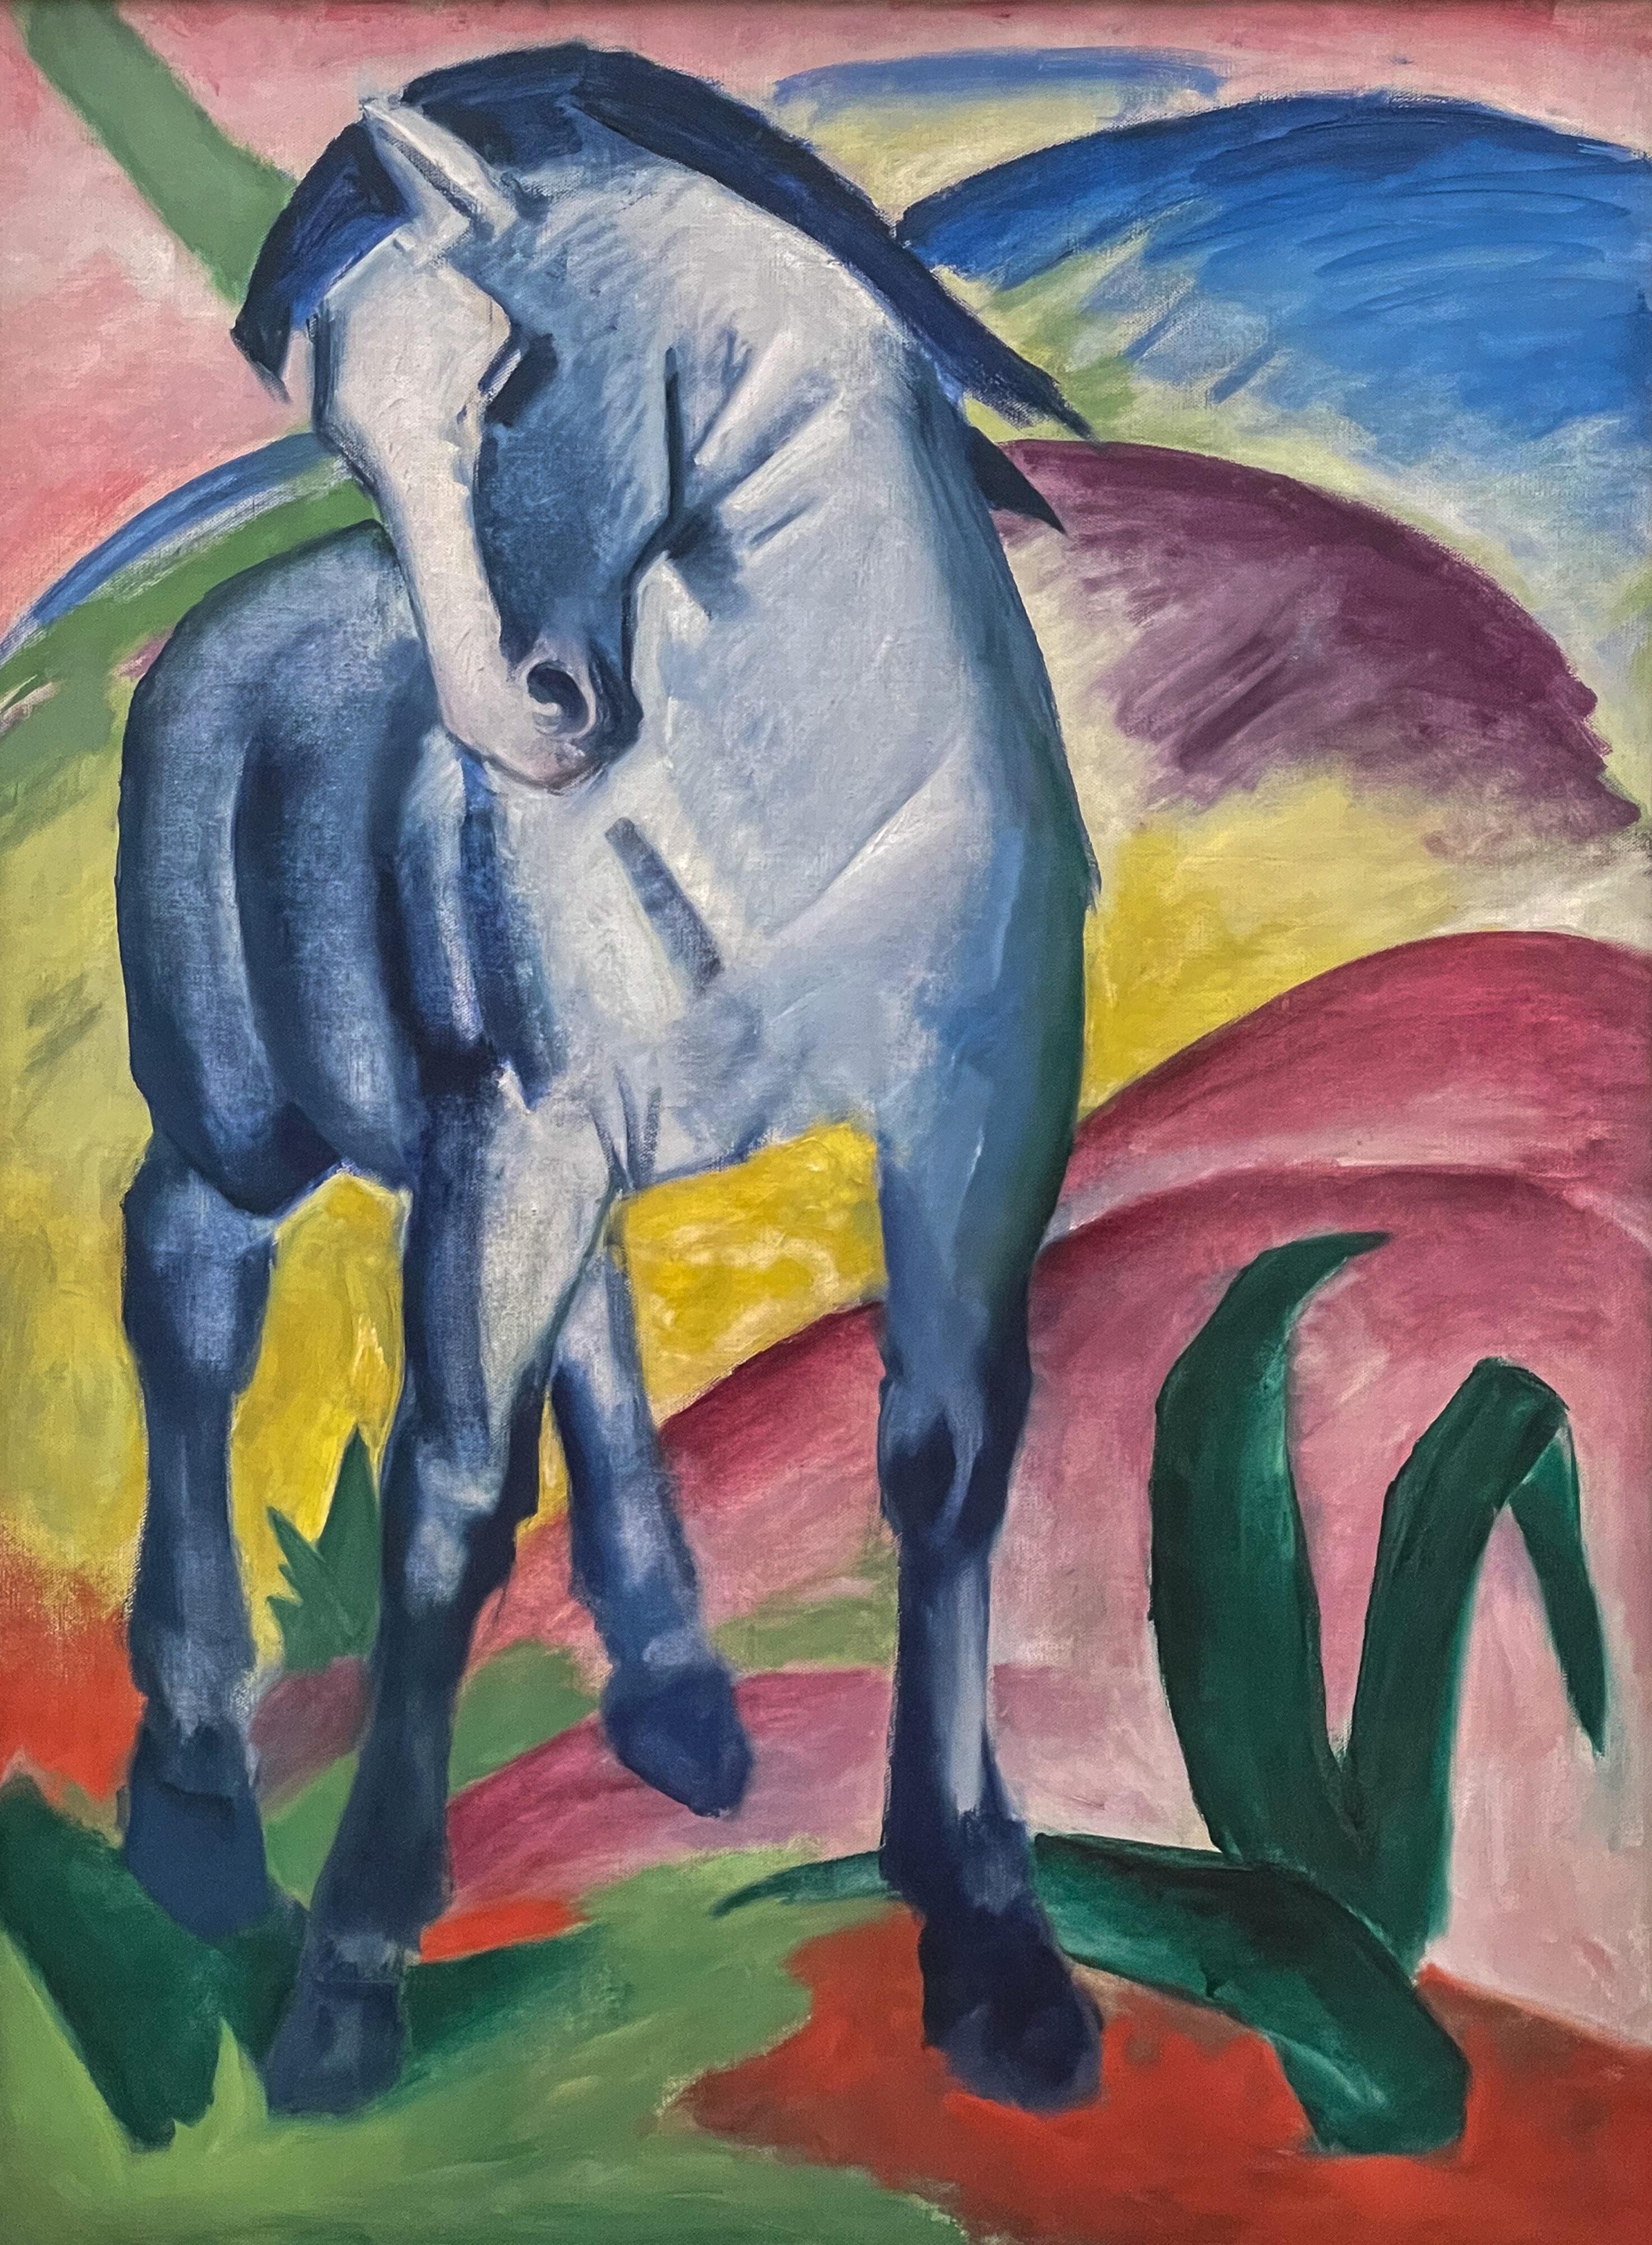 Blaues Land und Blauer Reiter, Franz Marc, Blaues Pferd I, München, Lenbachhaus